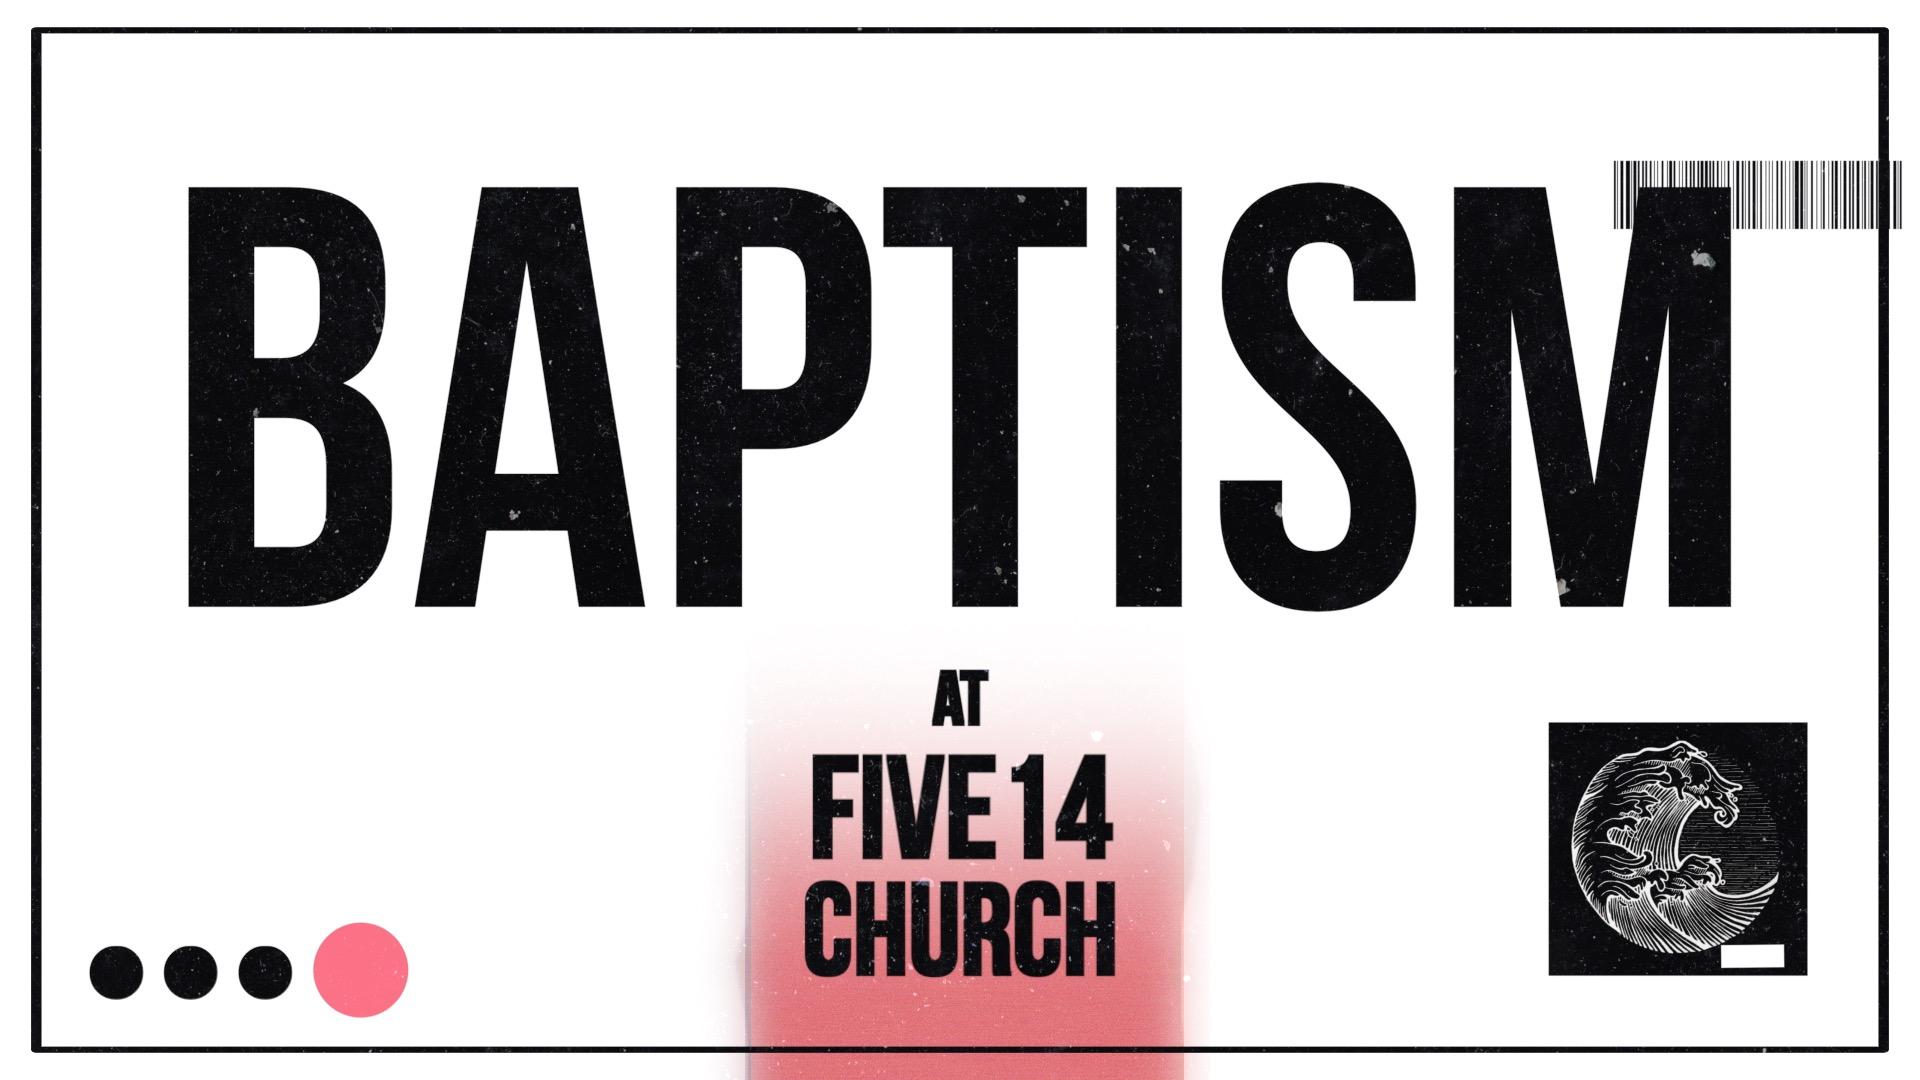 Baptism Sunday 3/31/19